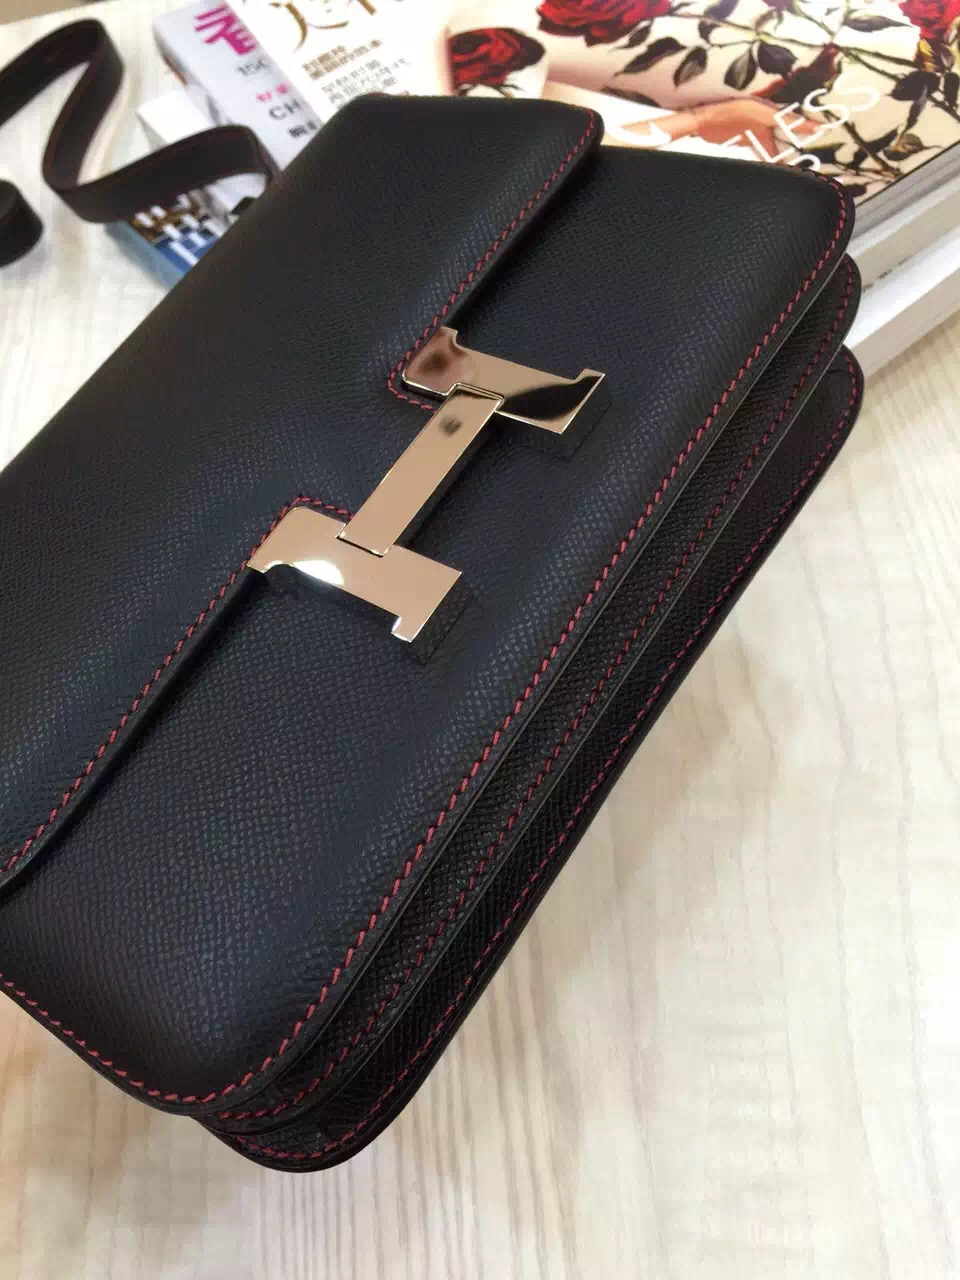 Hermes Epsom Leather Constance Bag 24CM Black & Red inner Women's Cross-body Bag